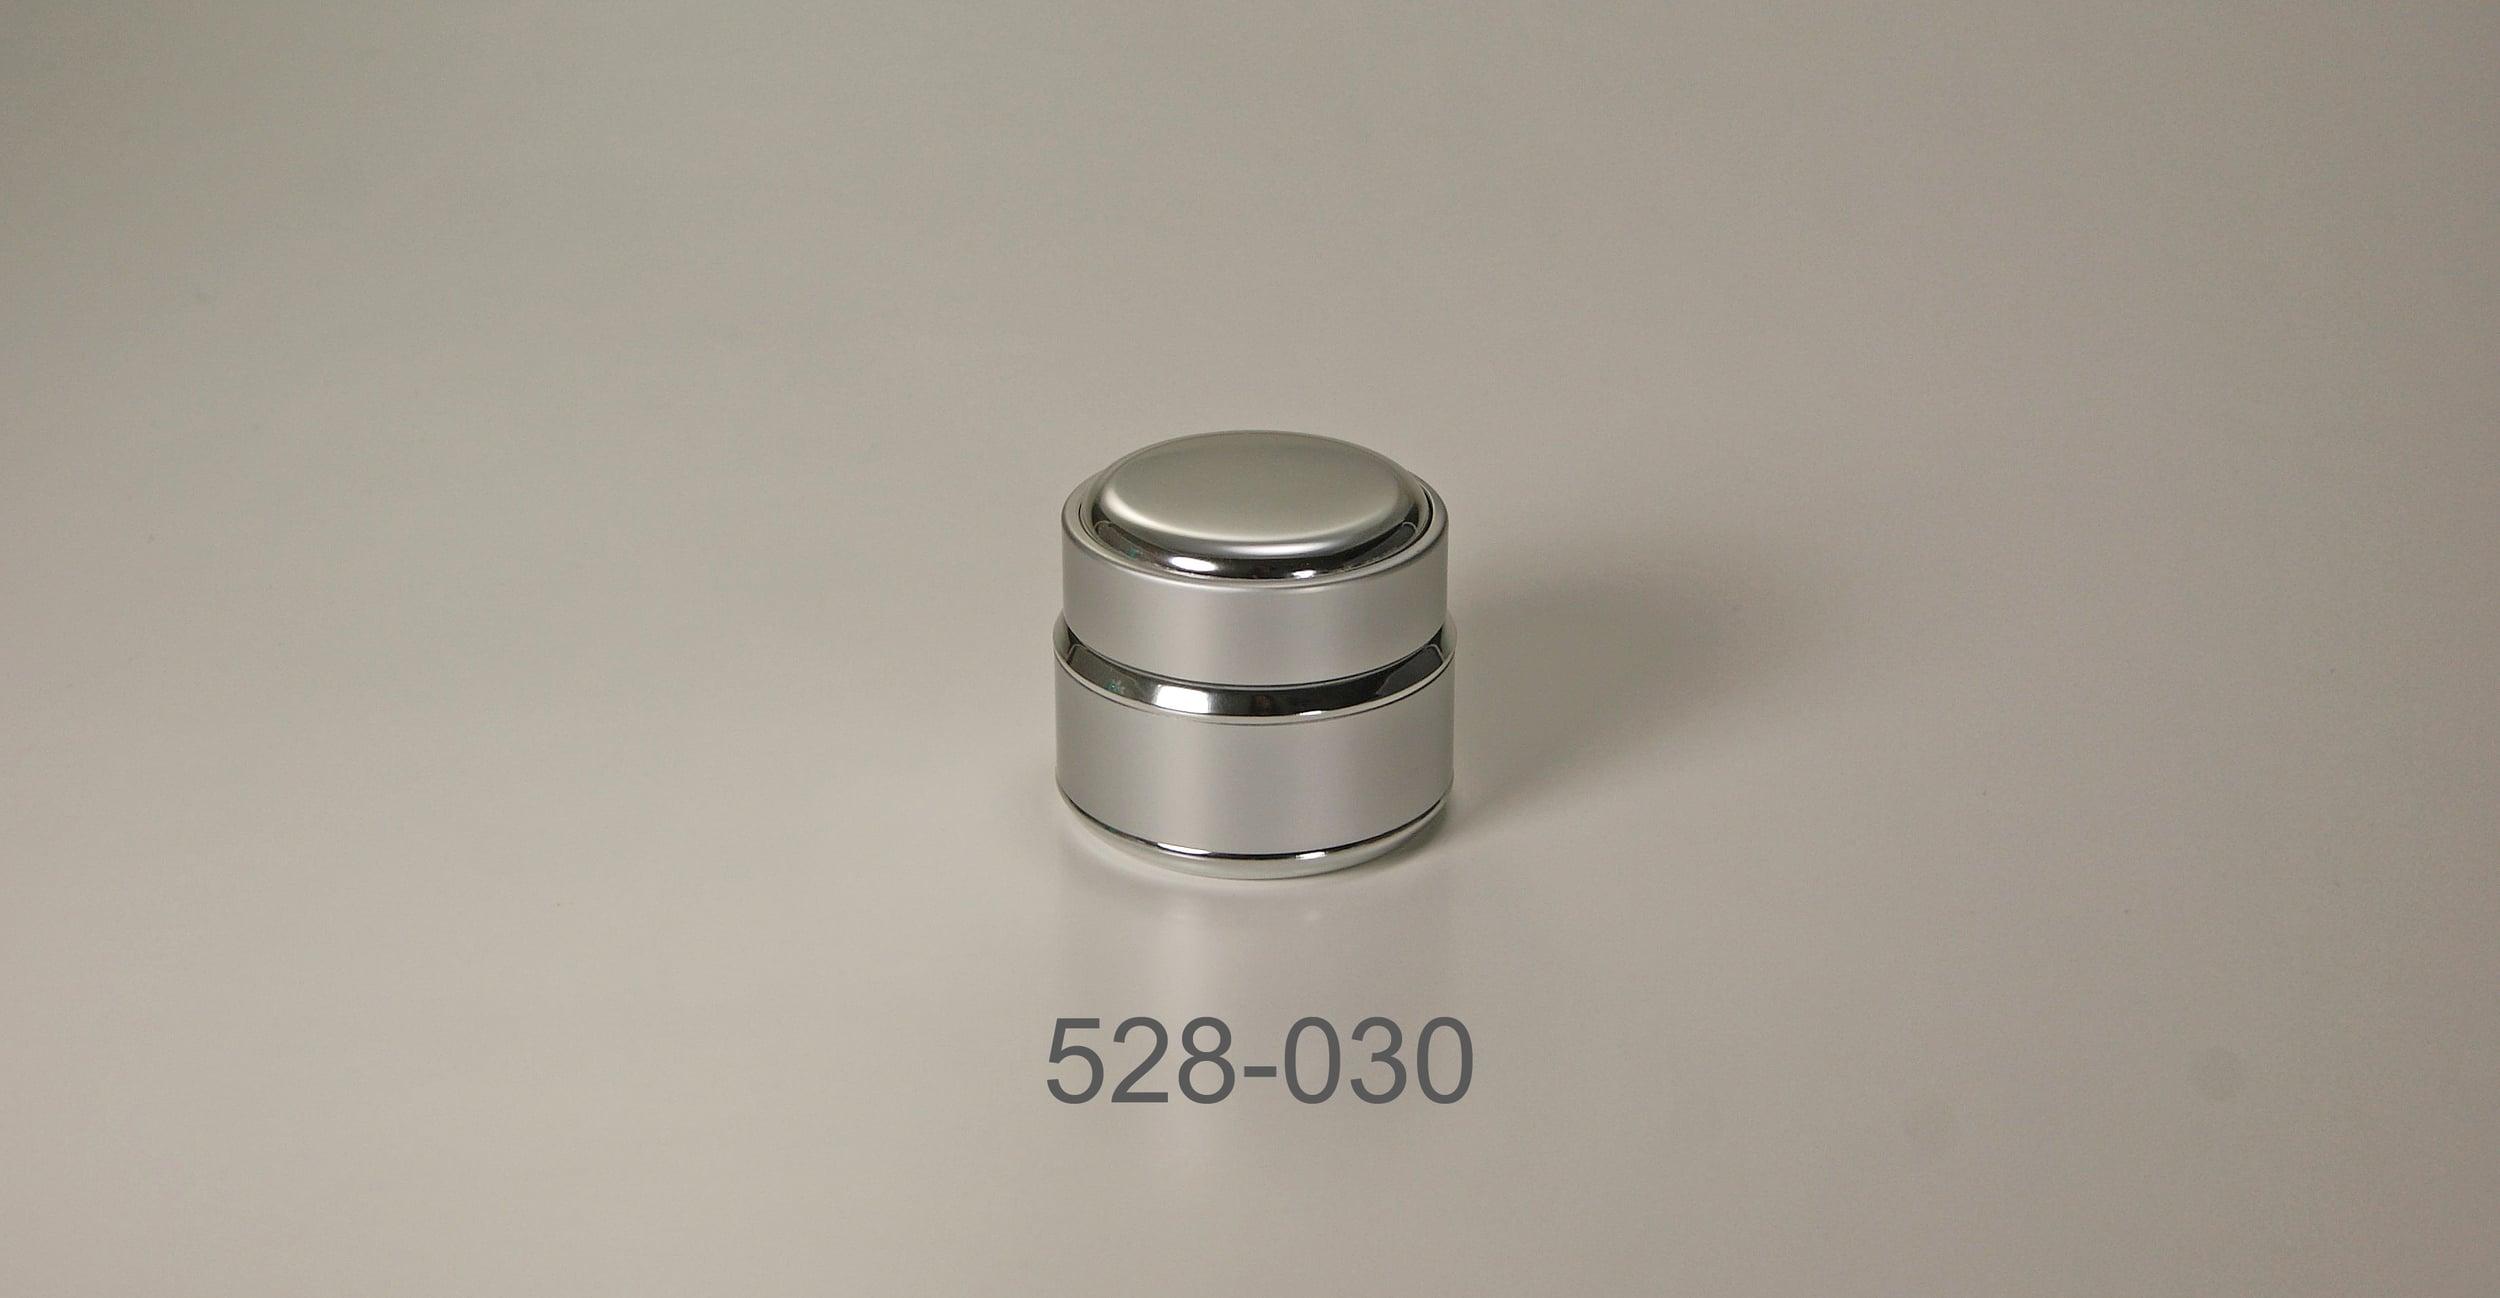 528-030.jpg